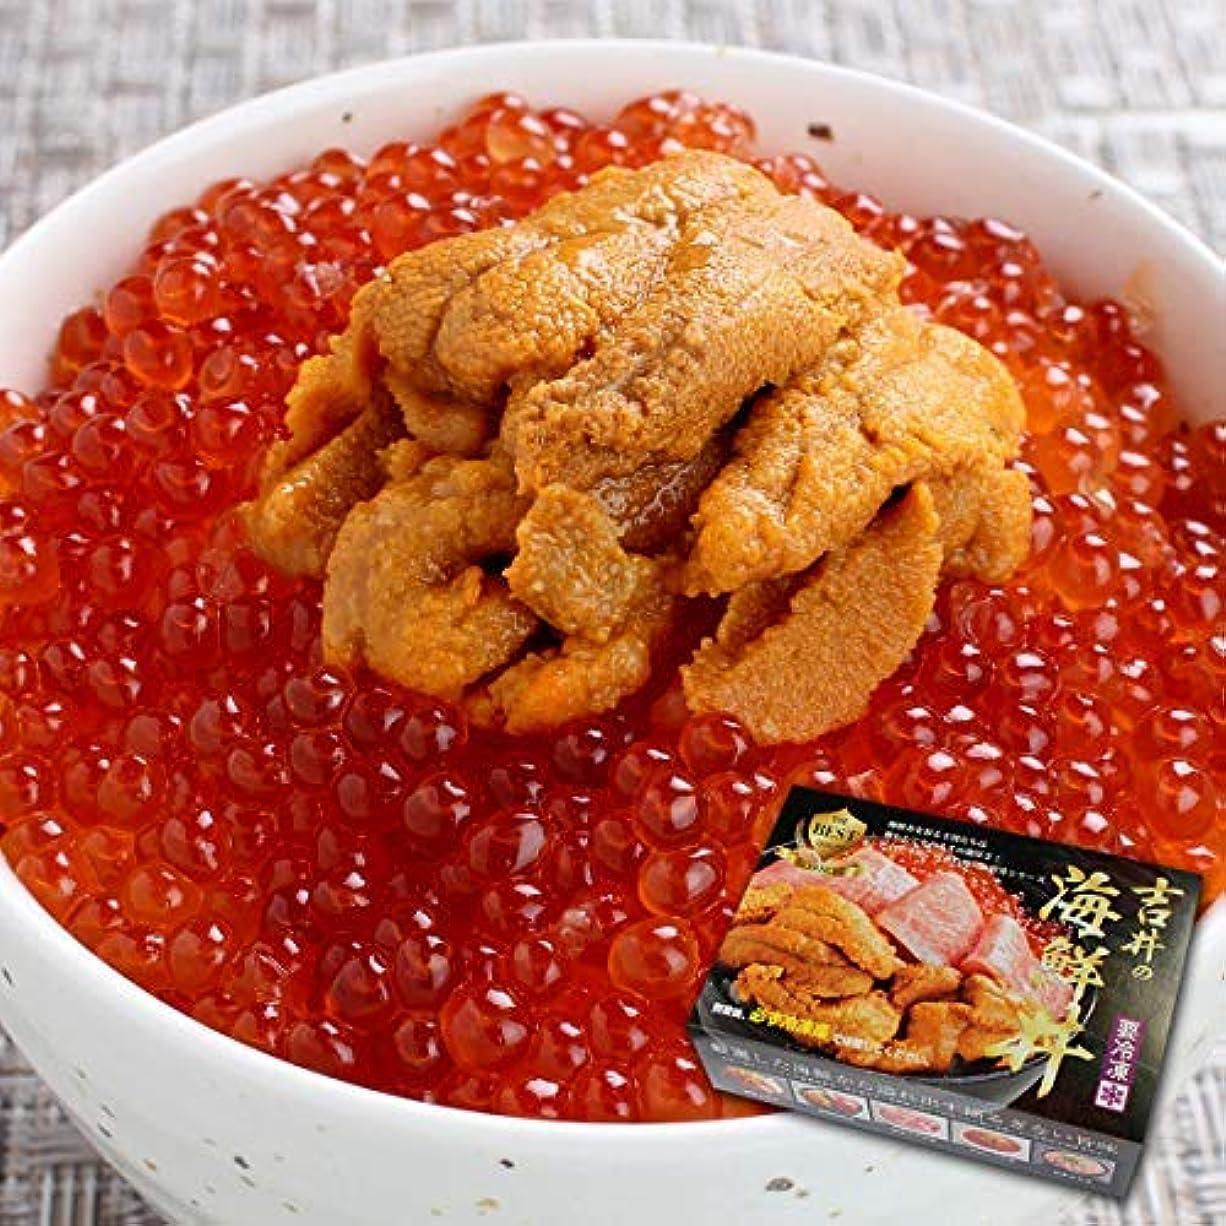 輝く暗記する深くお中元 プレゼント 人気 海鮮 うに いくら 丼 3~4人前(無添加うに 醤油漬けいくら 海鮮セット) (通常商品)